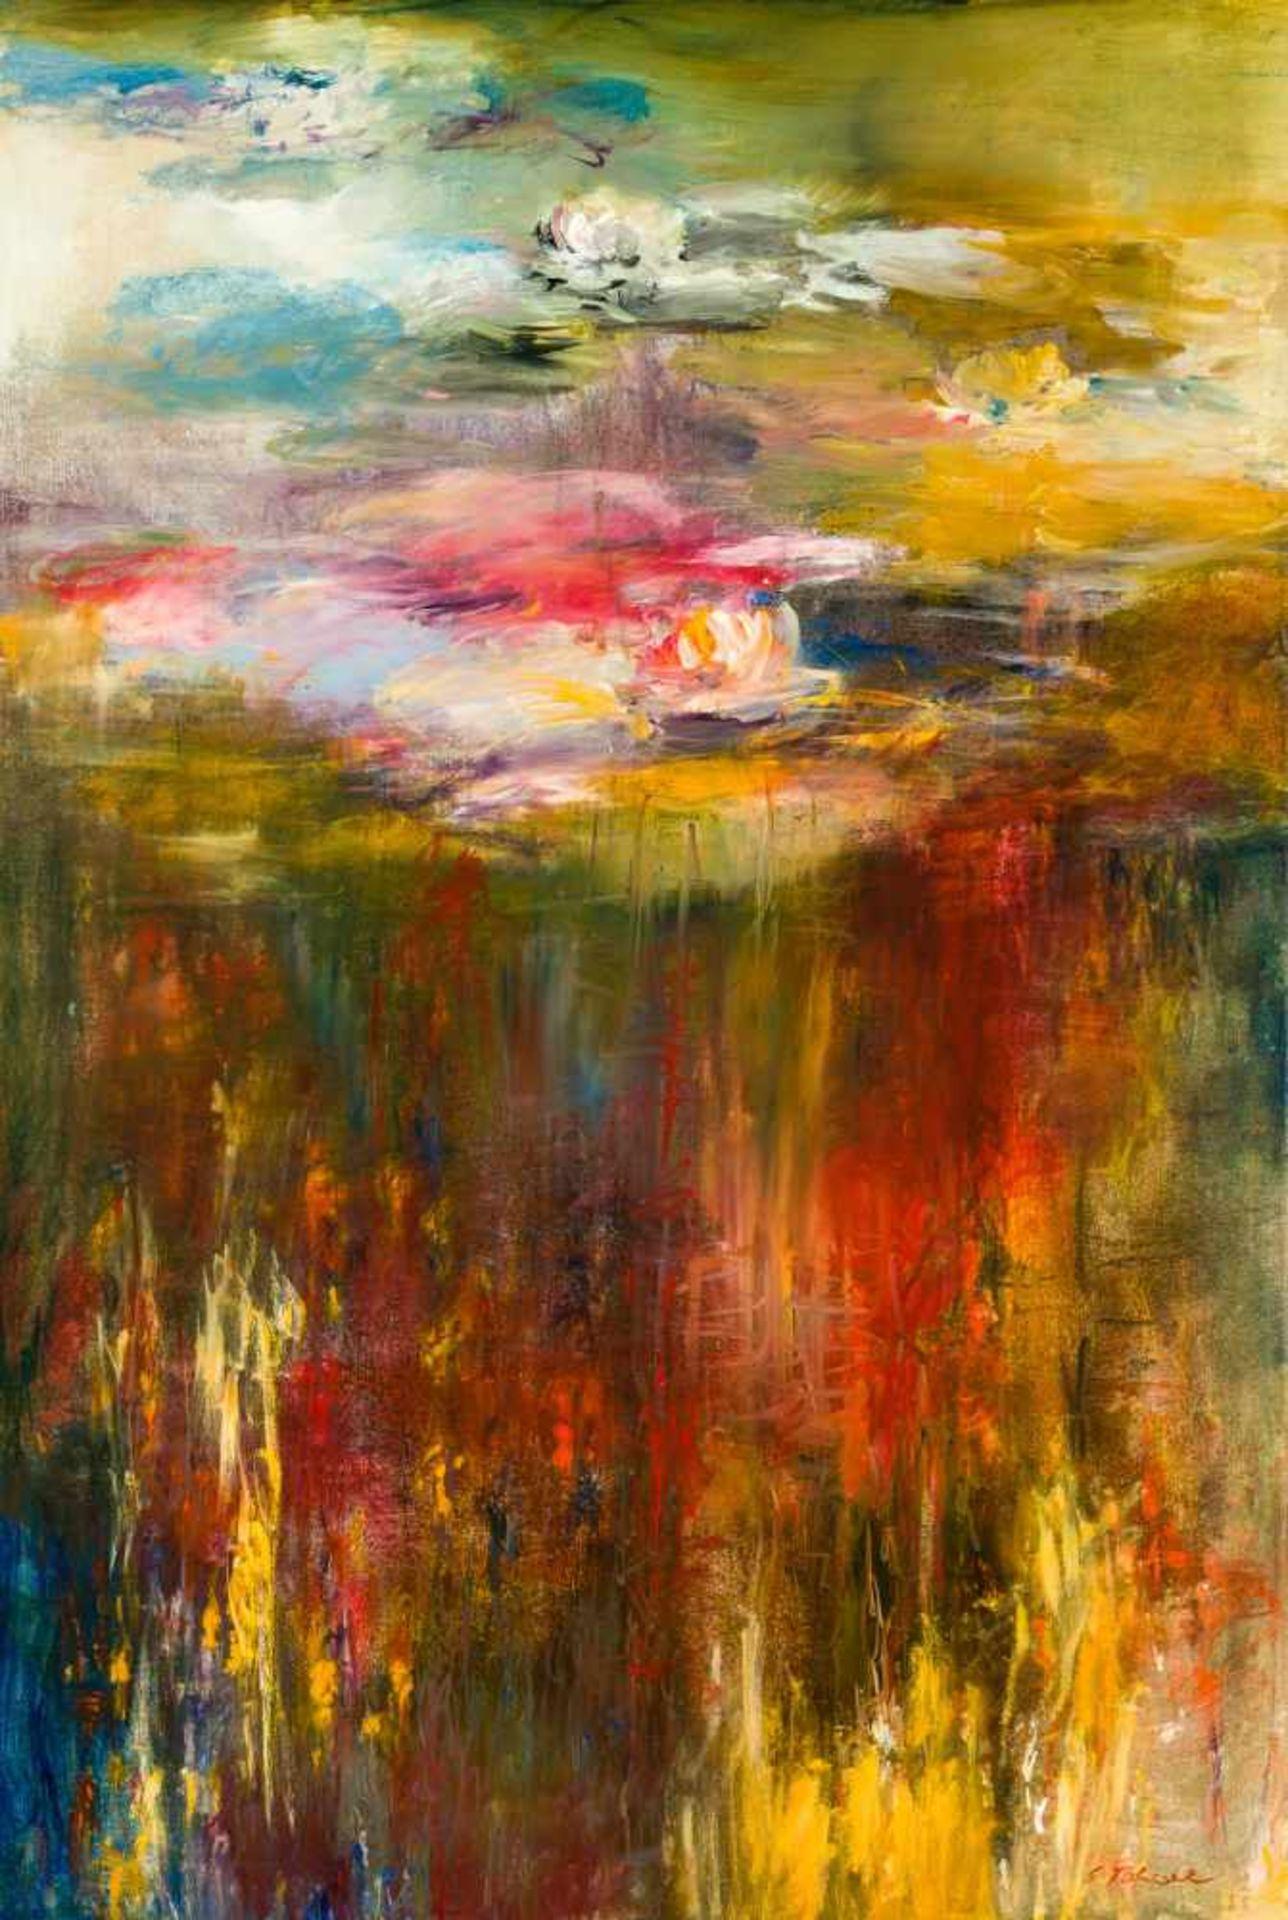 Los 15 - Ernestine Tahedl * Ried in der Riedmark 1940 geb. Elements Acryl auf Leinwand 181,5 x 121,5 cm